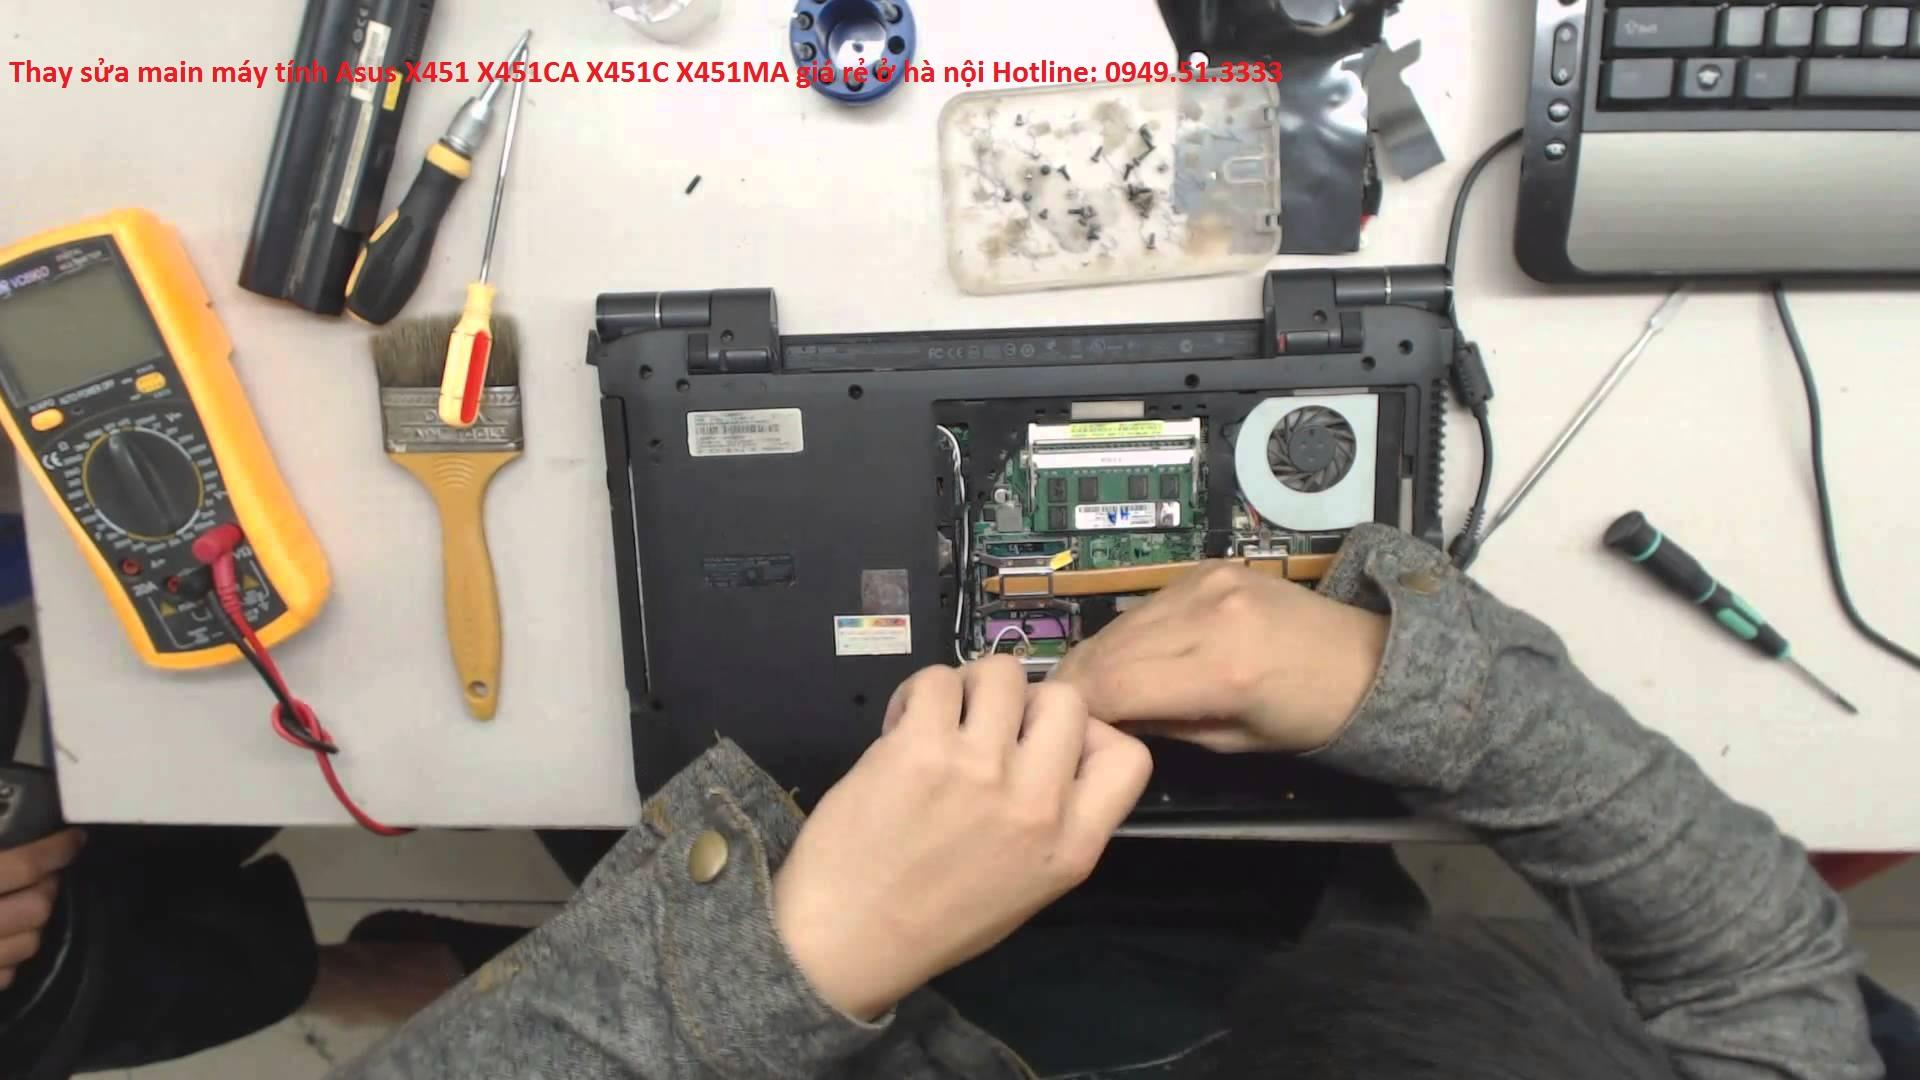 Thay sửa main máy tính Asus X451 X451CA X451C X451MA